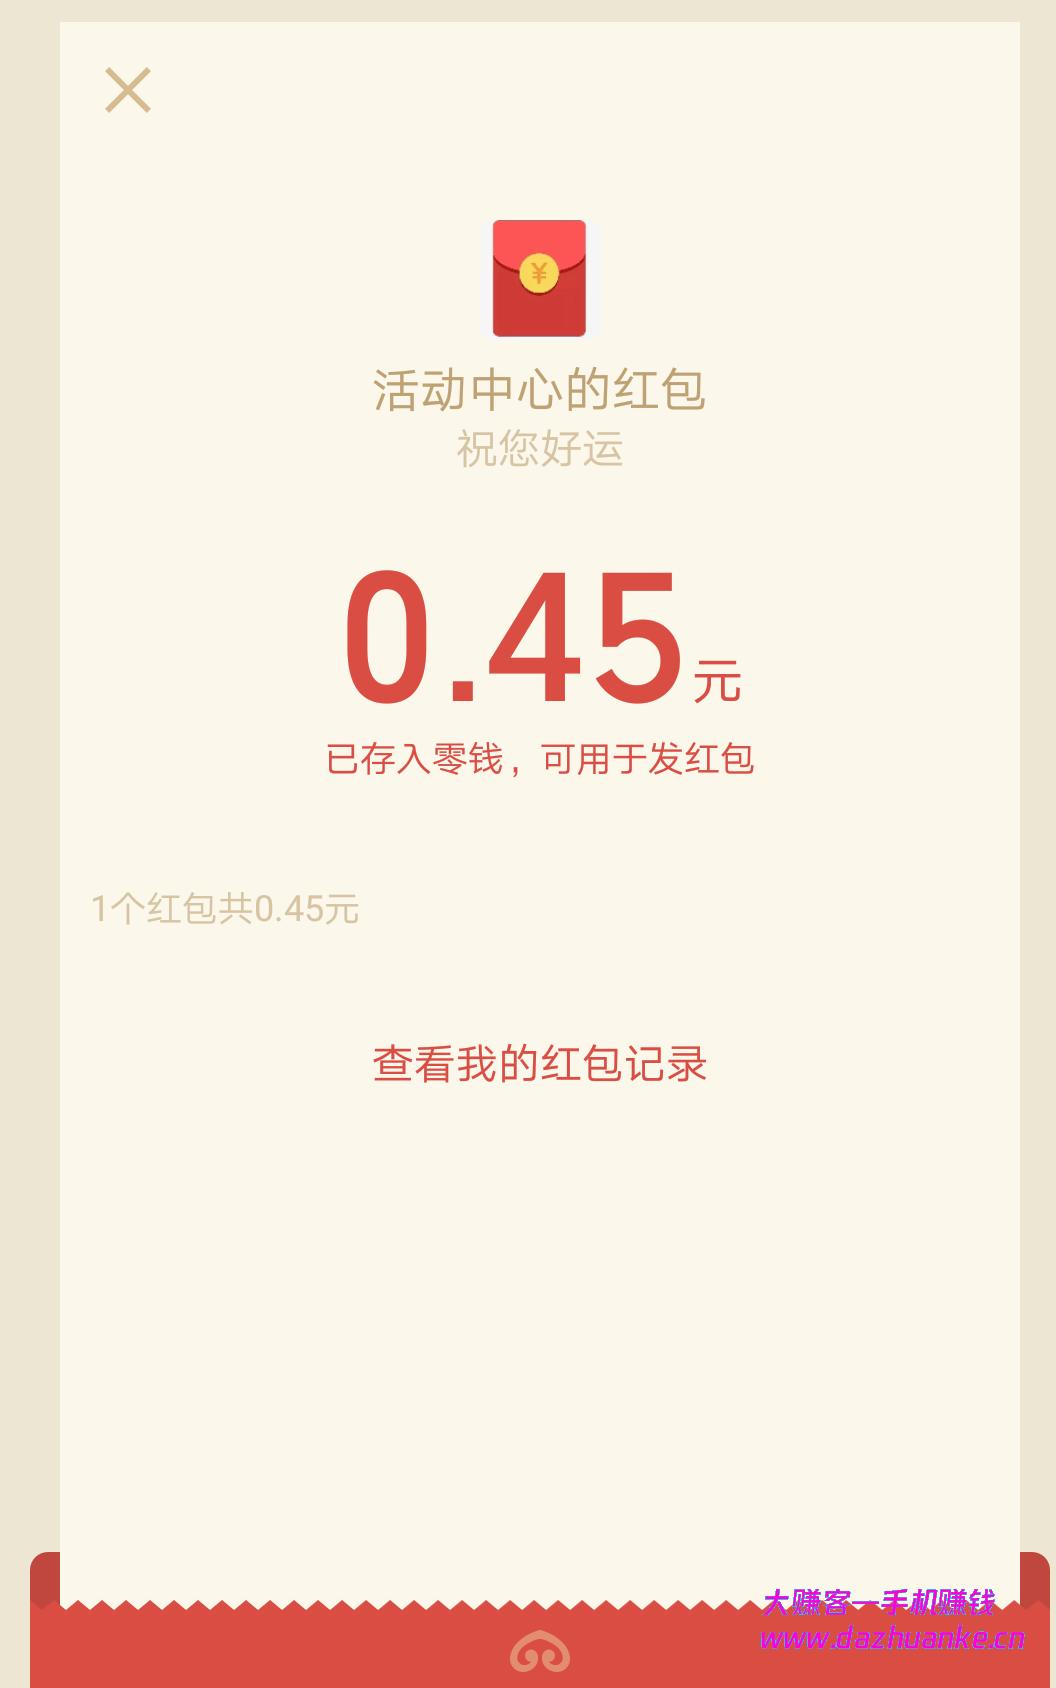 微信扫码随机获得现金红包,亲测0.45元!